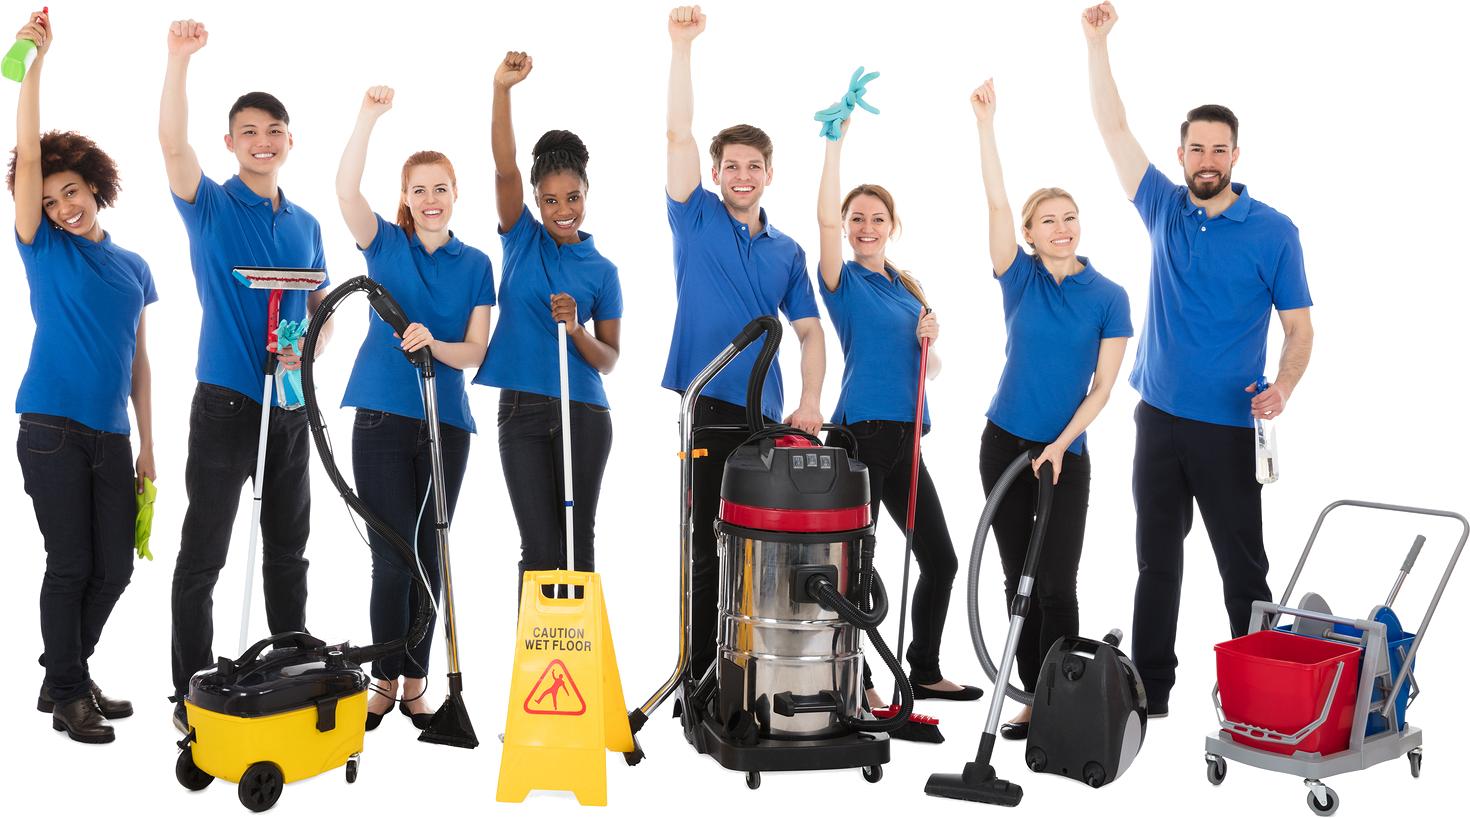 شركات تنظيف سجاد بعجمان_شركة تنظيف ارضيات بعجمان